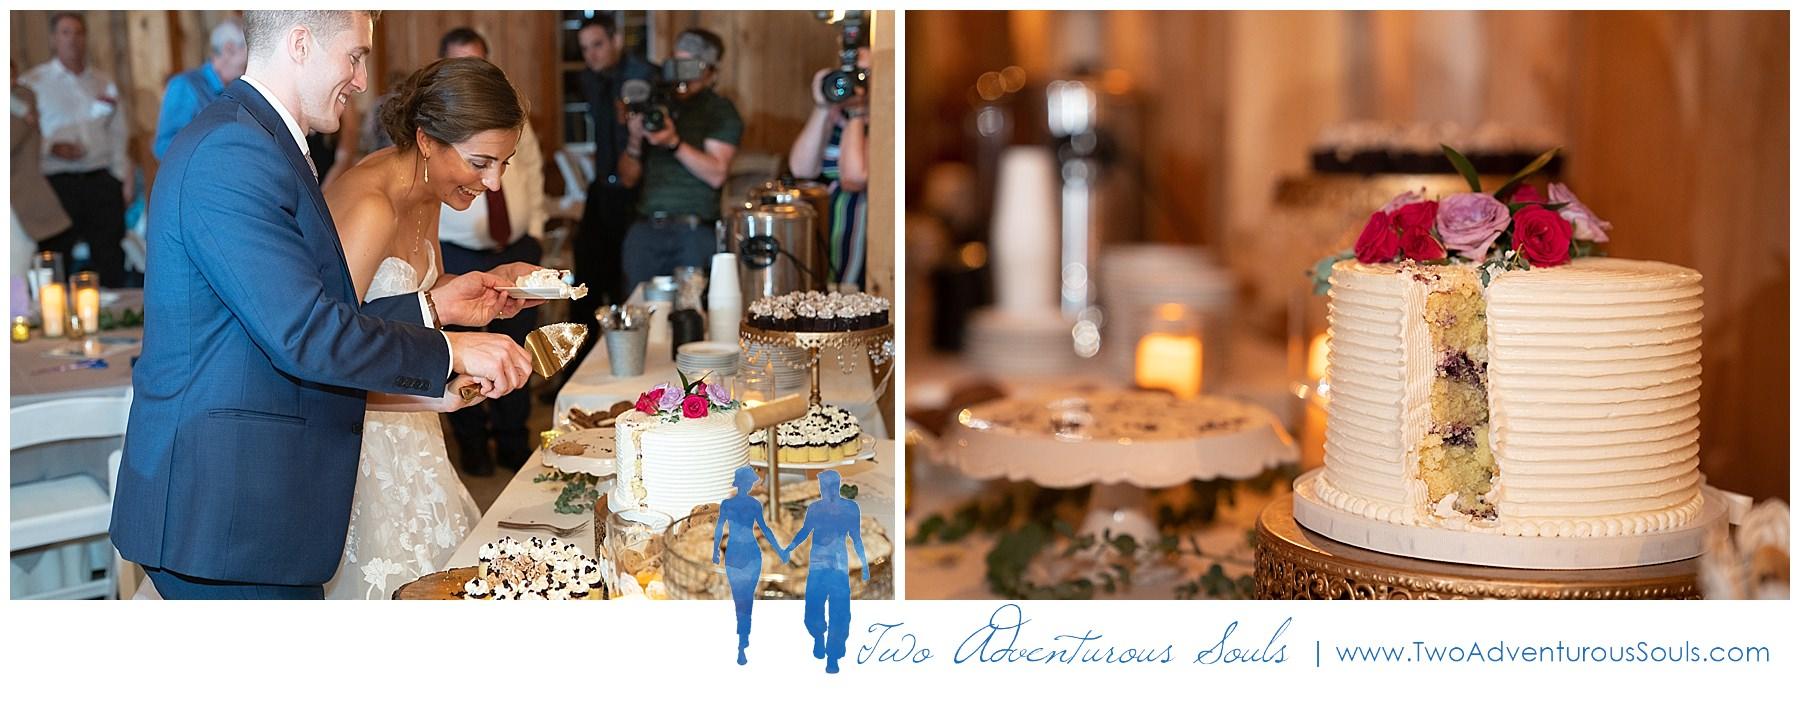 Maine Wedding Photographers, Granite Ridge Estate Wedding Photographers, Two Adventurous Souls - 080319_0071.jpg